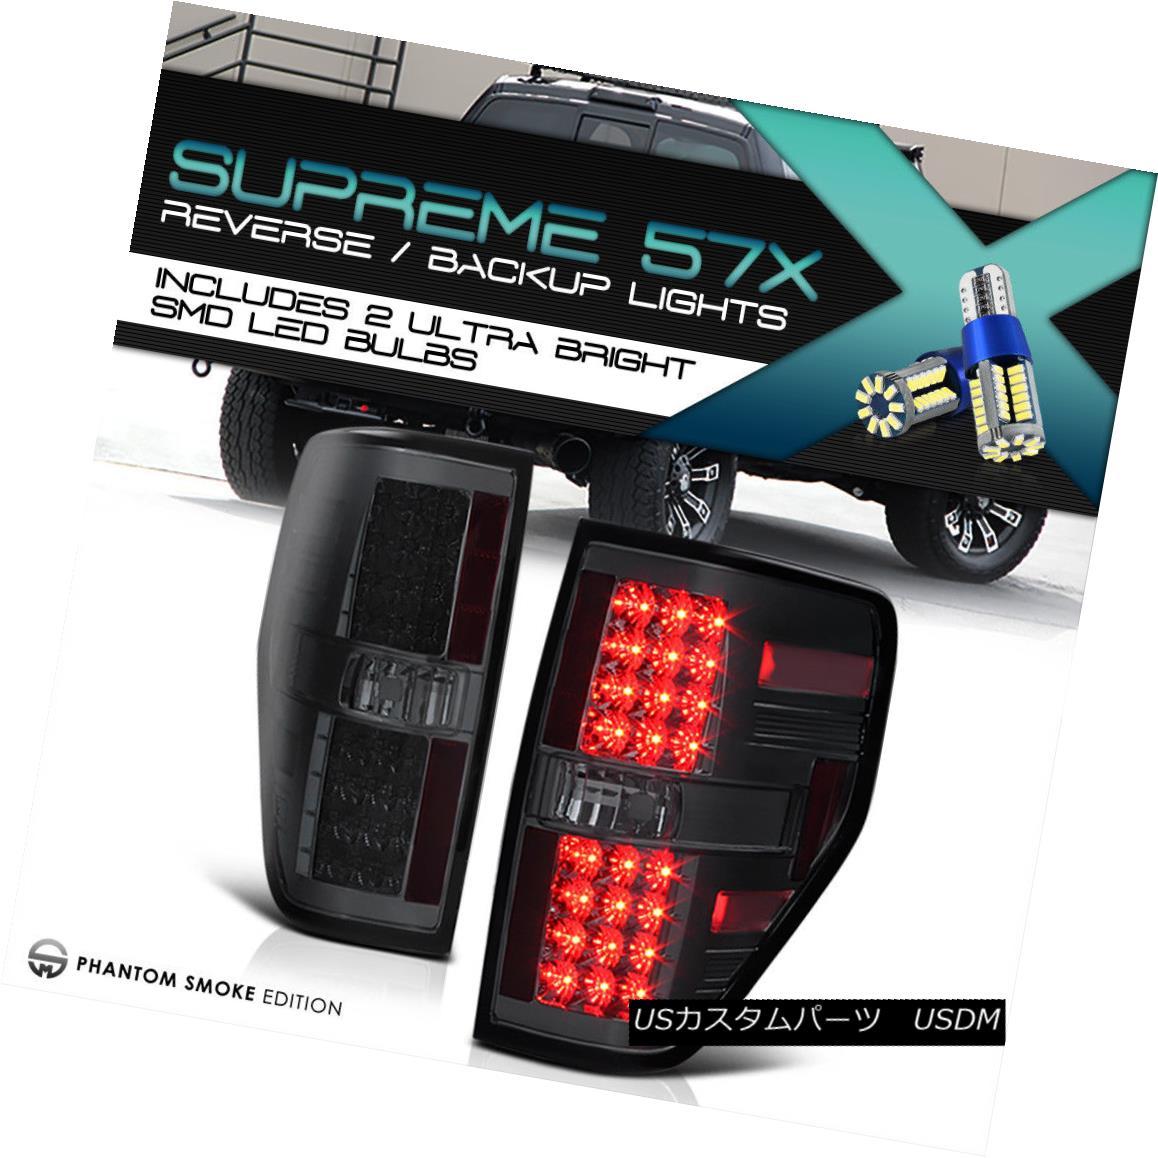 テールライト [360 Degree SMD Backup] 2009-2014 FORD F150 REAR LED SMD BRAKE TAIL LIGHTS SET [360度SMDバックアップ] 2009-2014フォードF150リアLED SMDブレーキテールライトセット